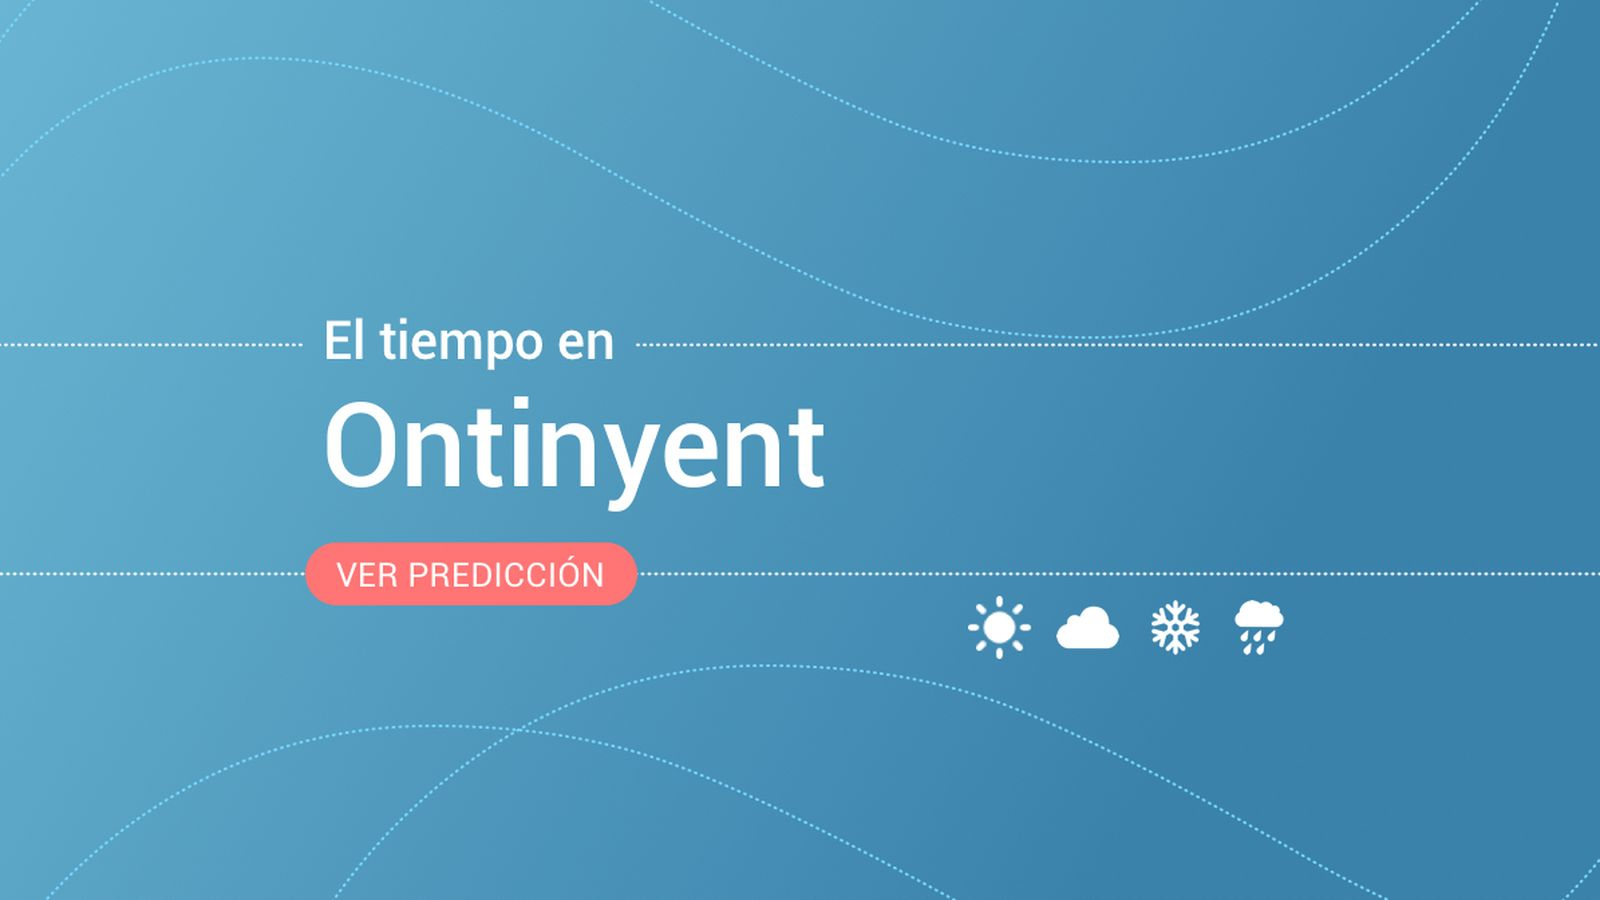 Foto: El tiempo en Ontinyent. (EC)